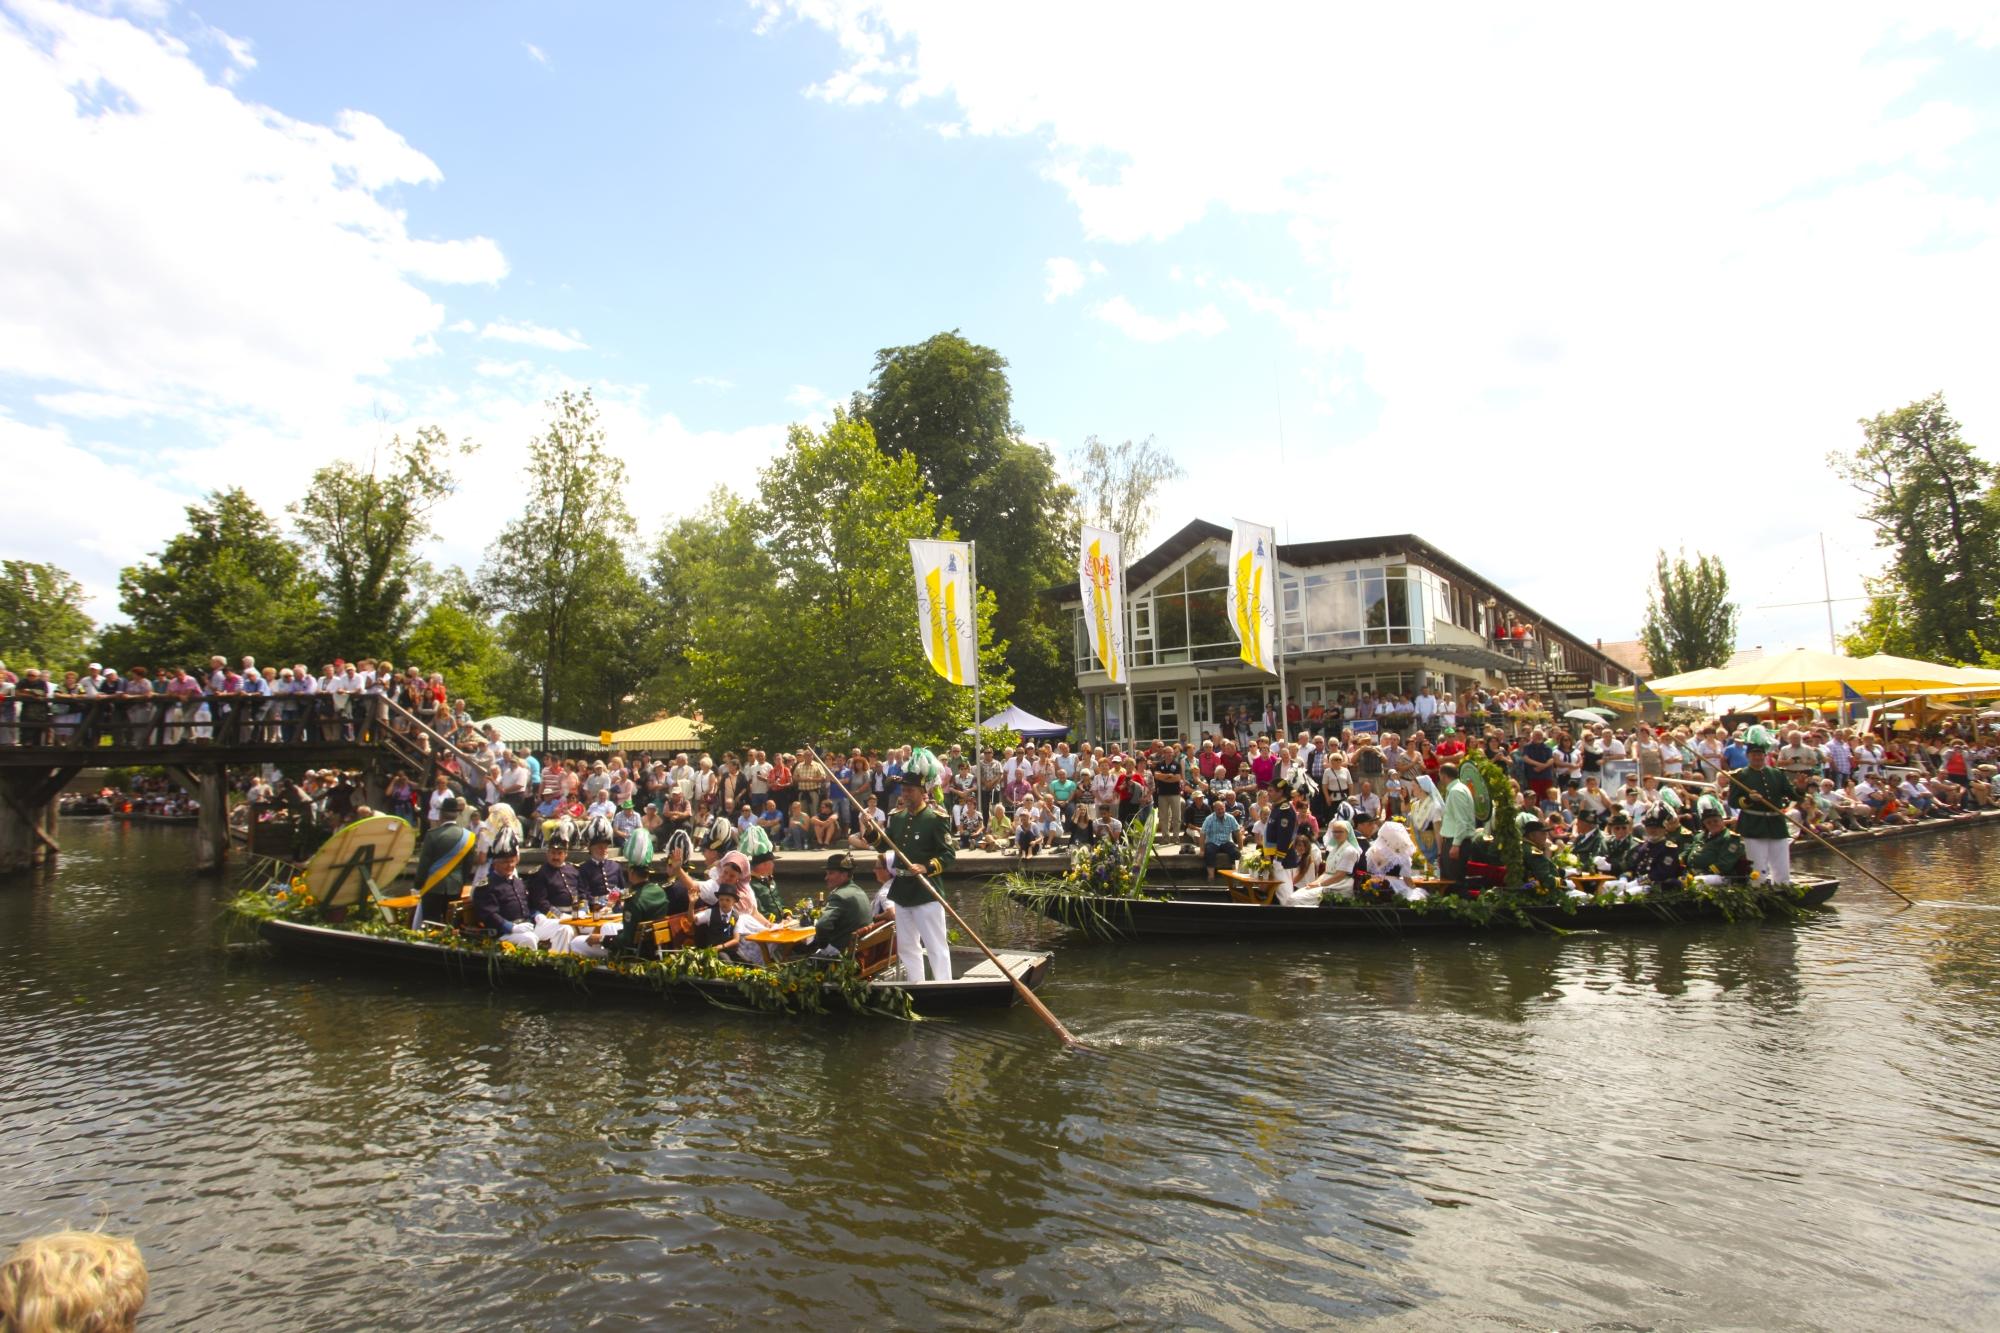 Aufstellung beim Kahnkorso zum Lübbenauer Spreewald- und Schützenfest, Foto:© Robert W. Naase (Cucumber Media)